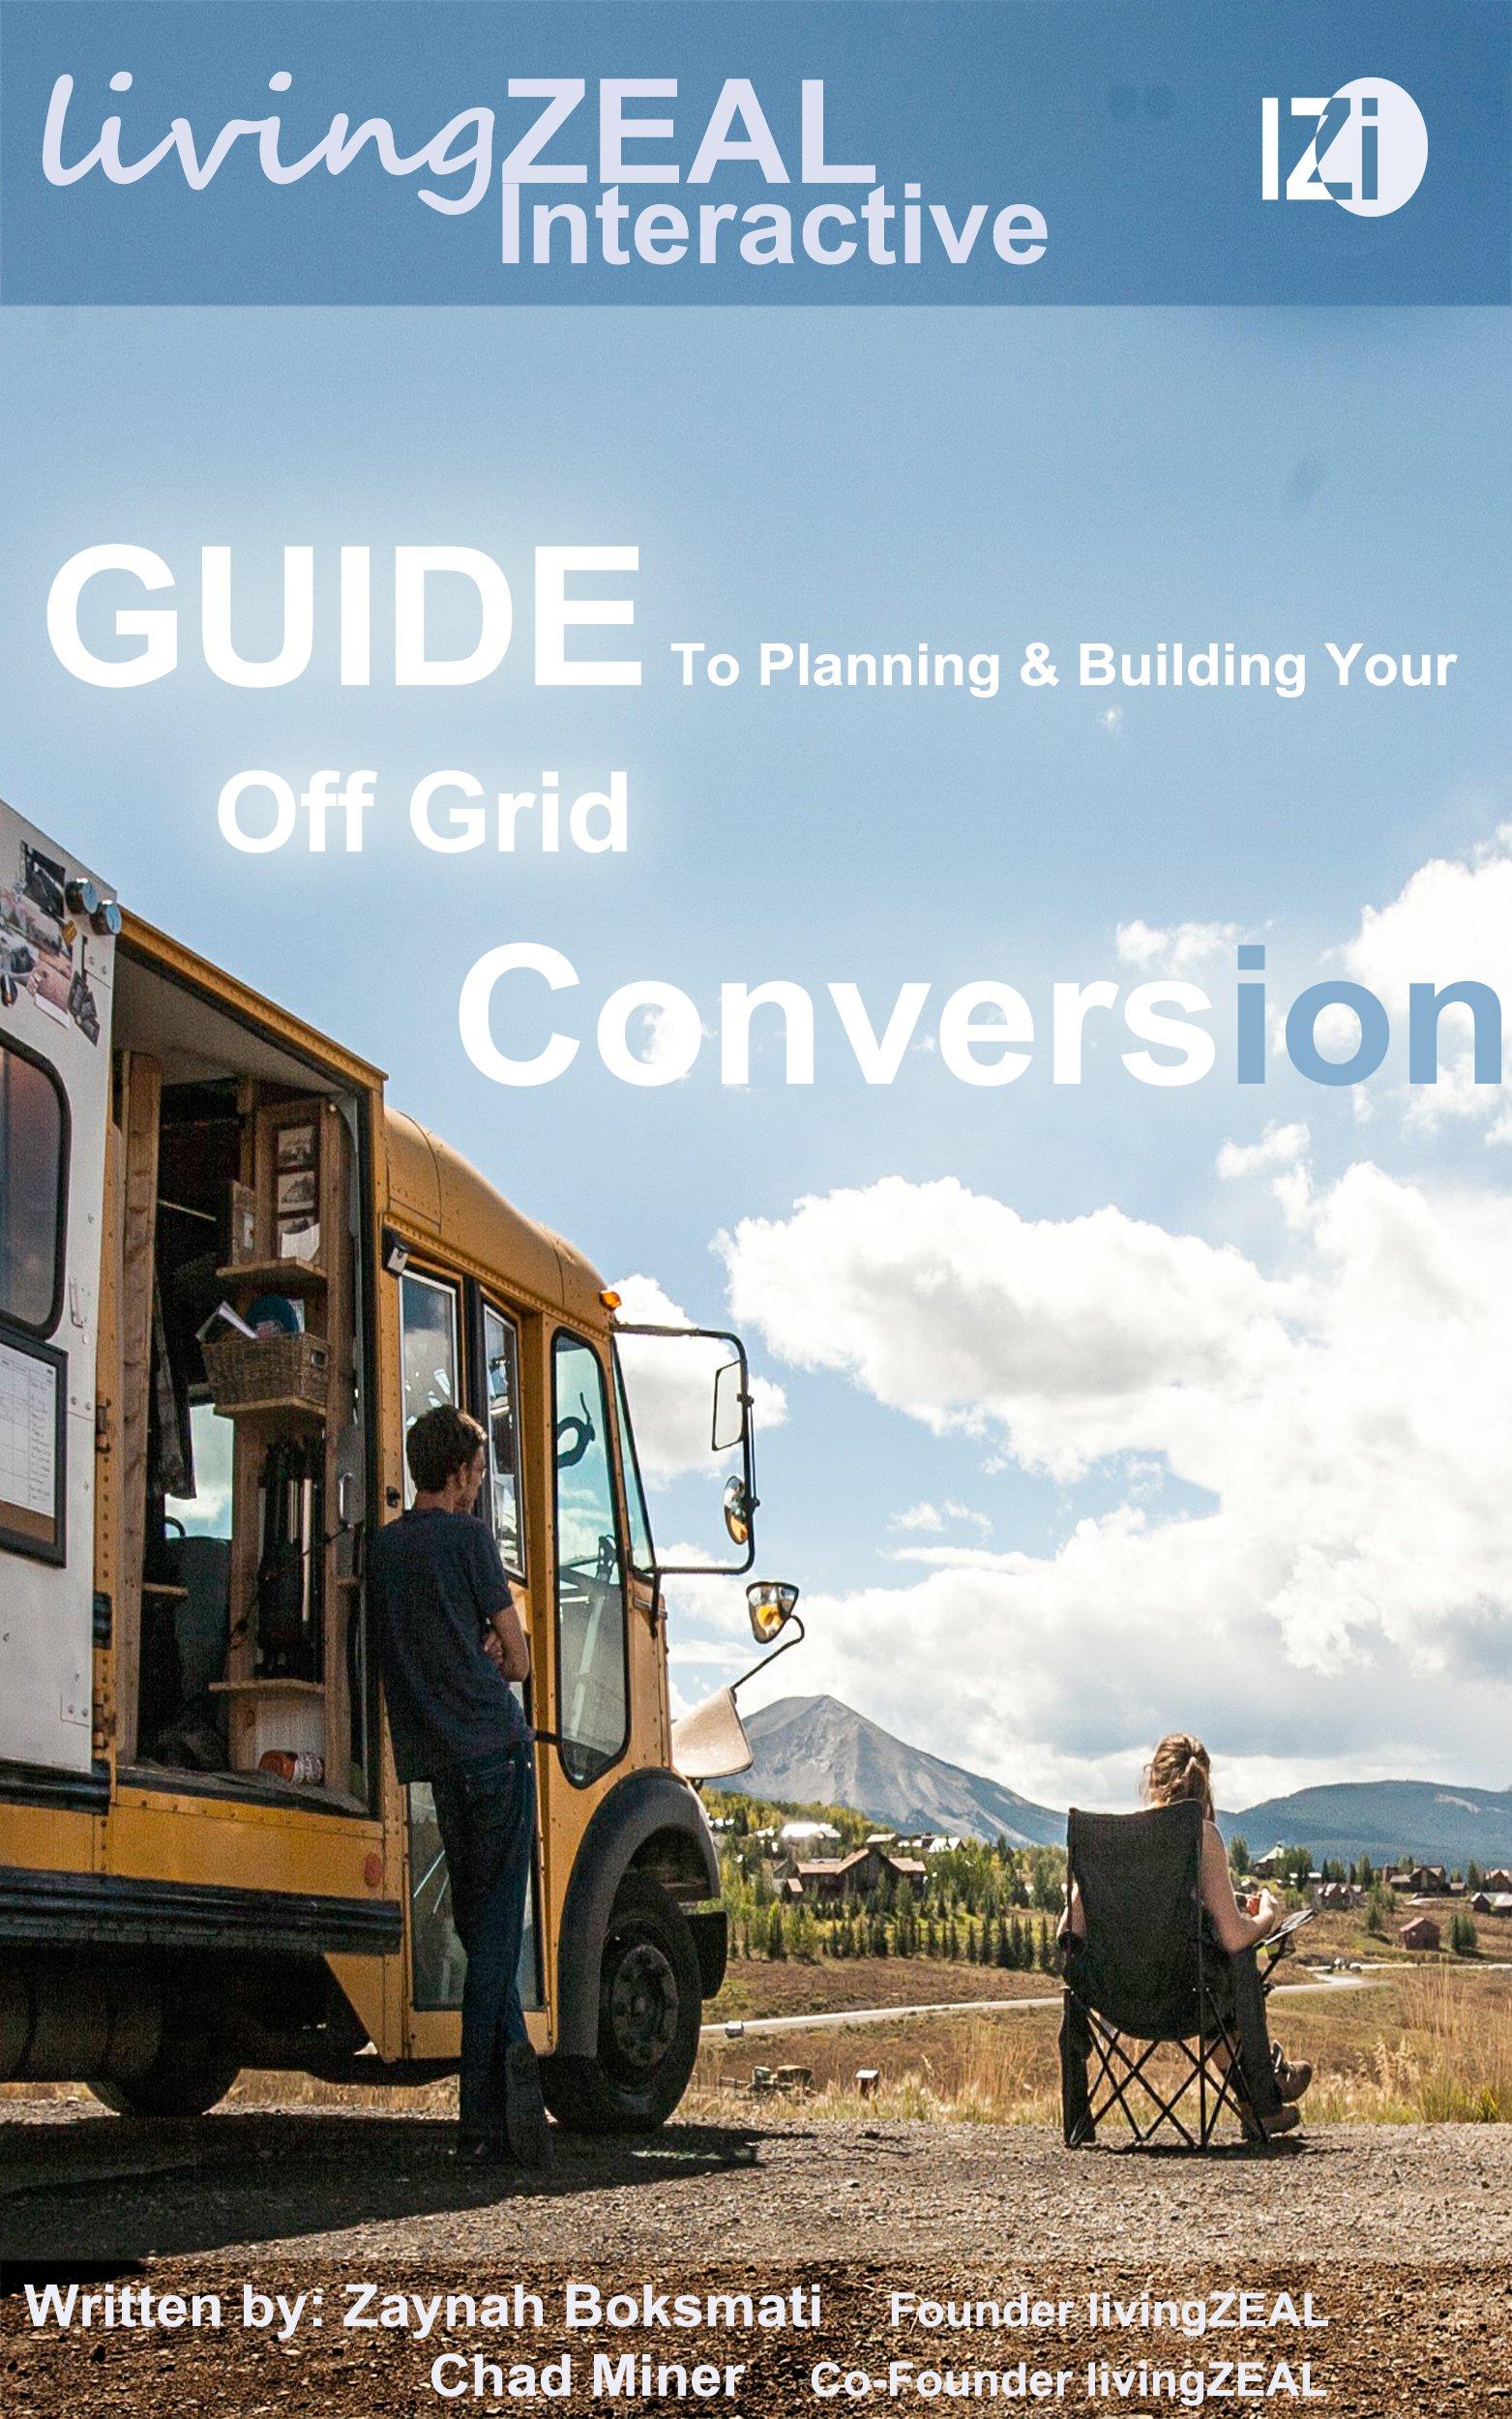 Bus Conversion Floor Plans – Find house plans